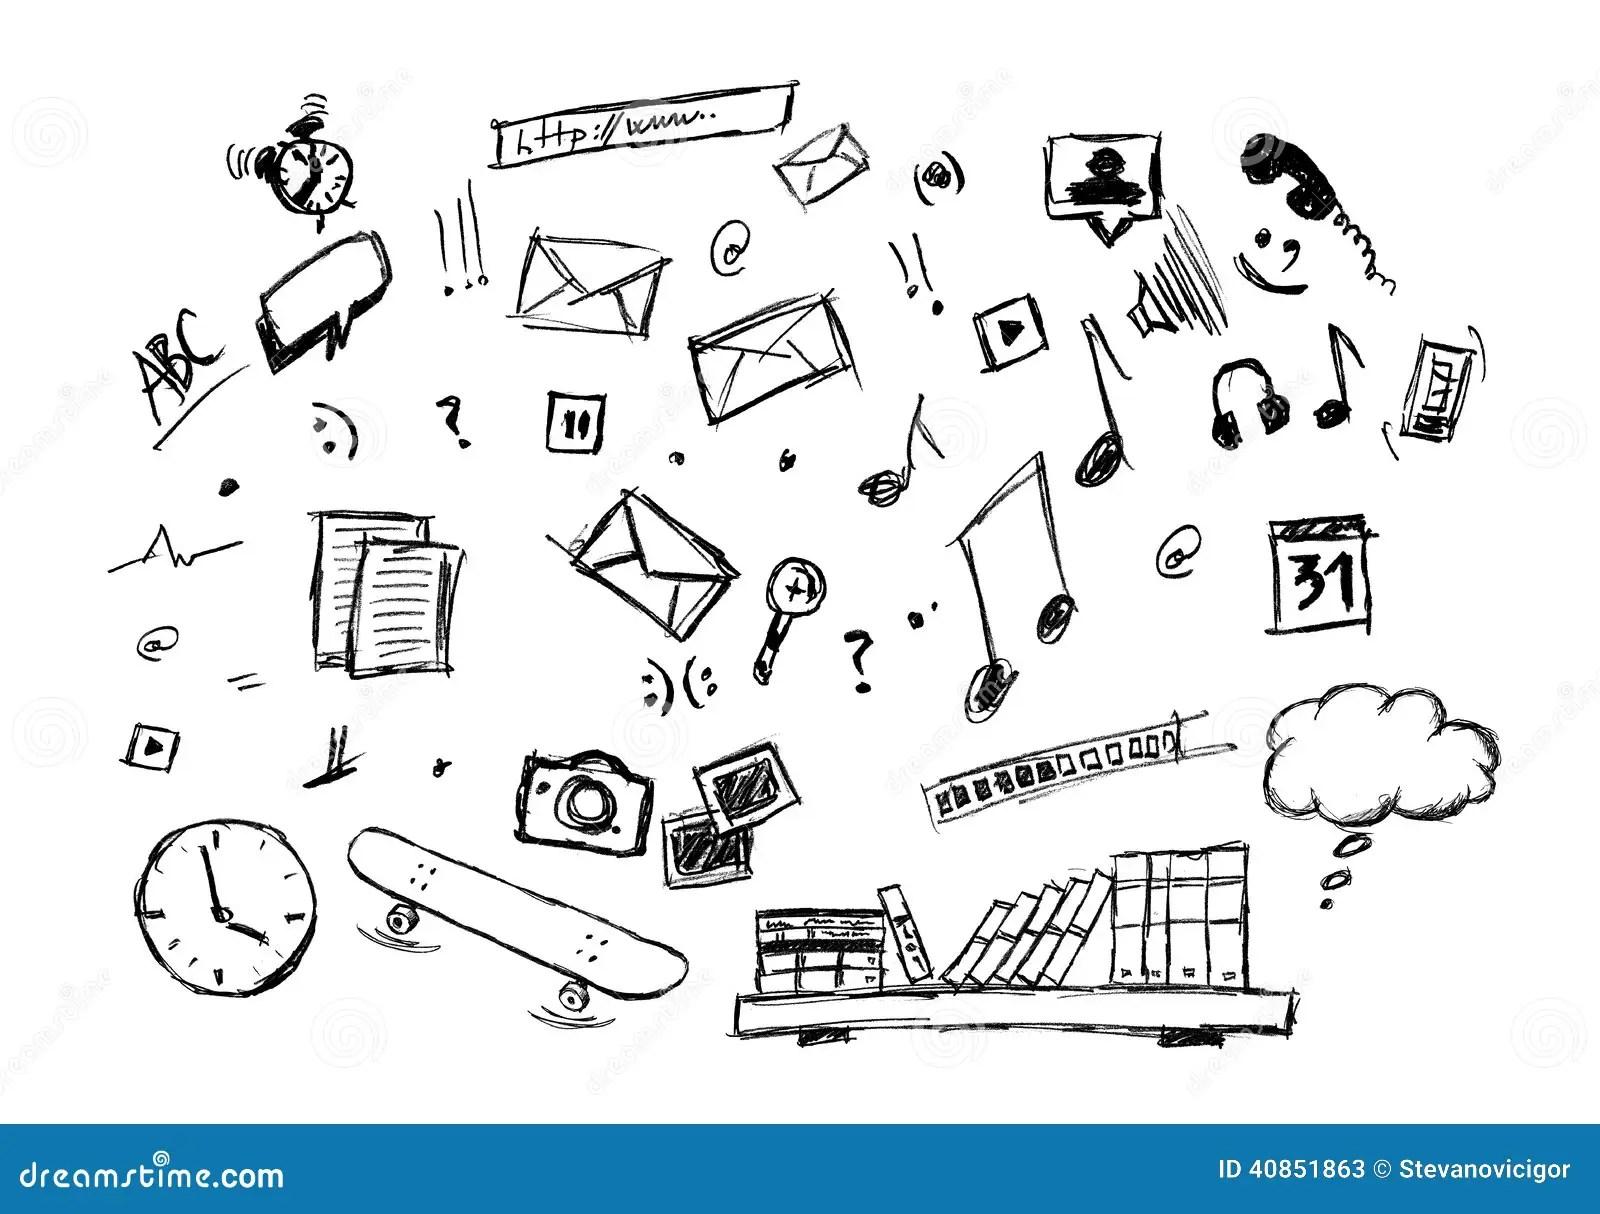 Internet Web Icon Computer Sketchy Doodles Set Cartoon